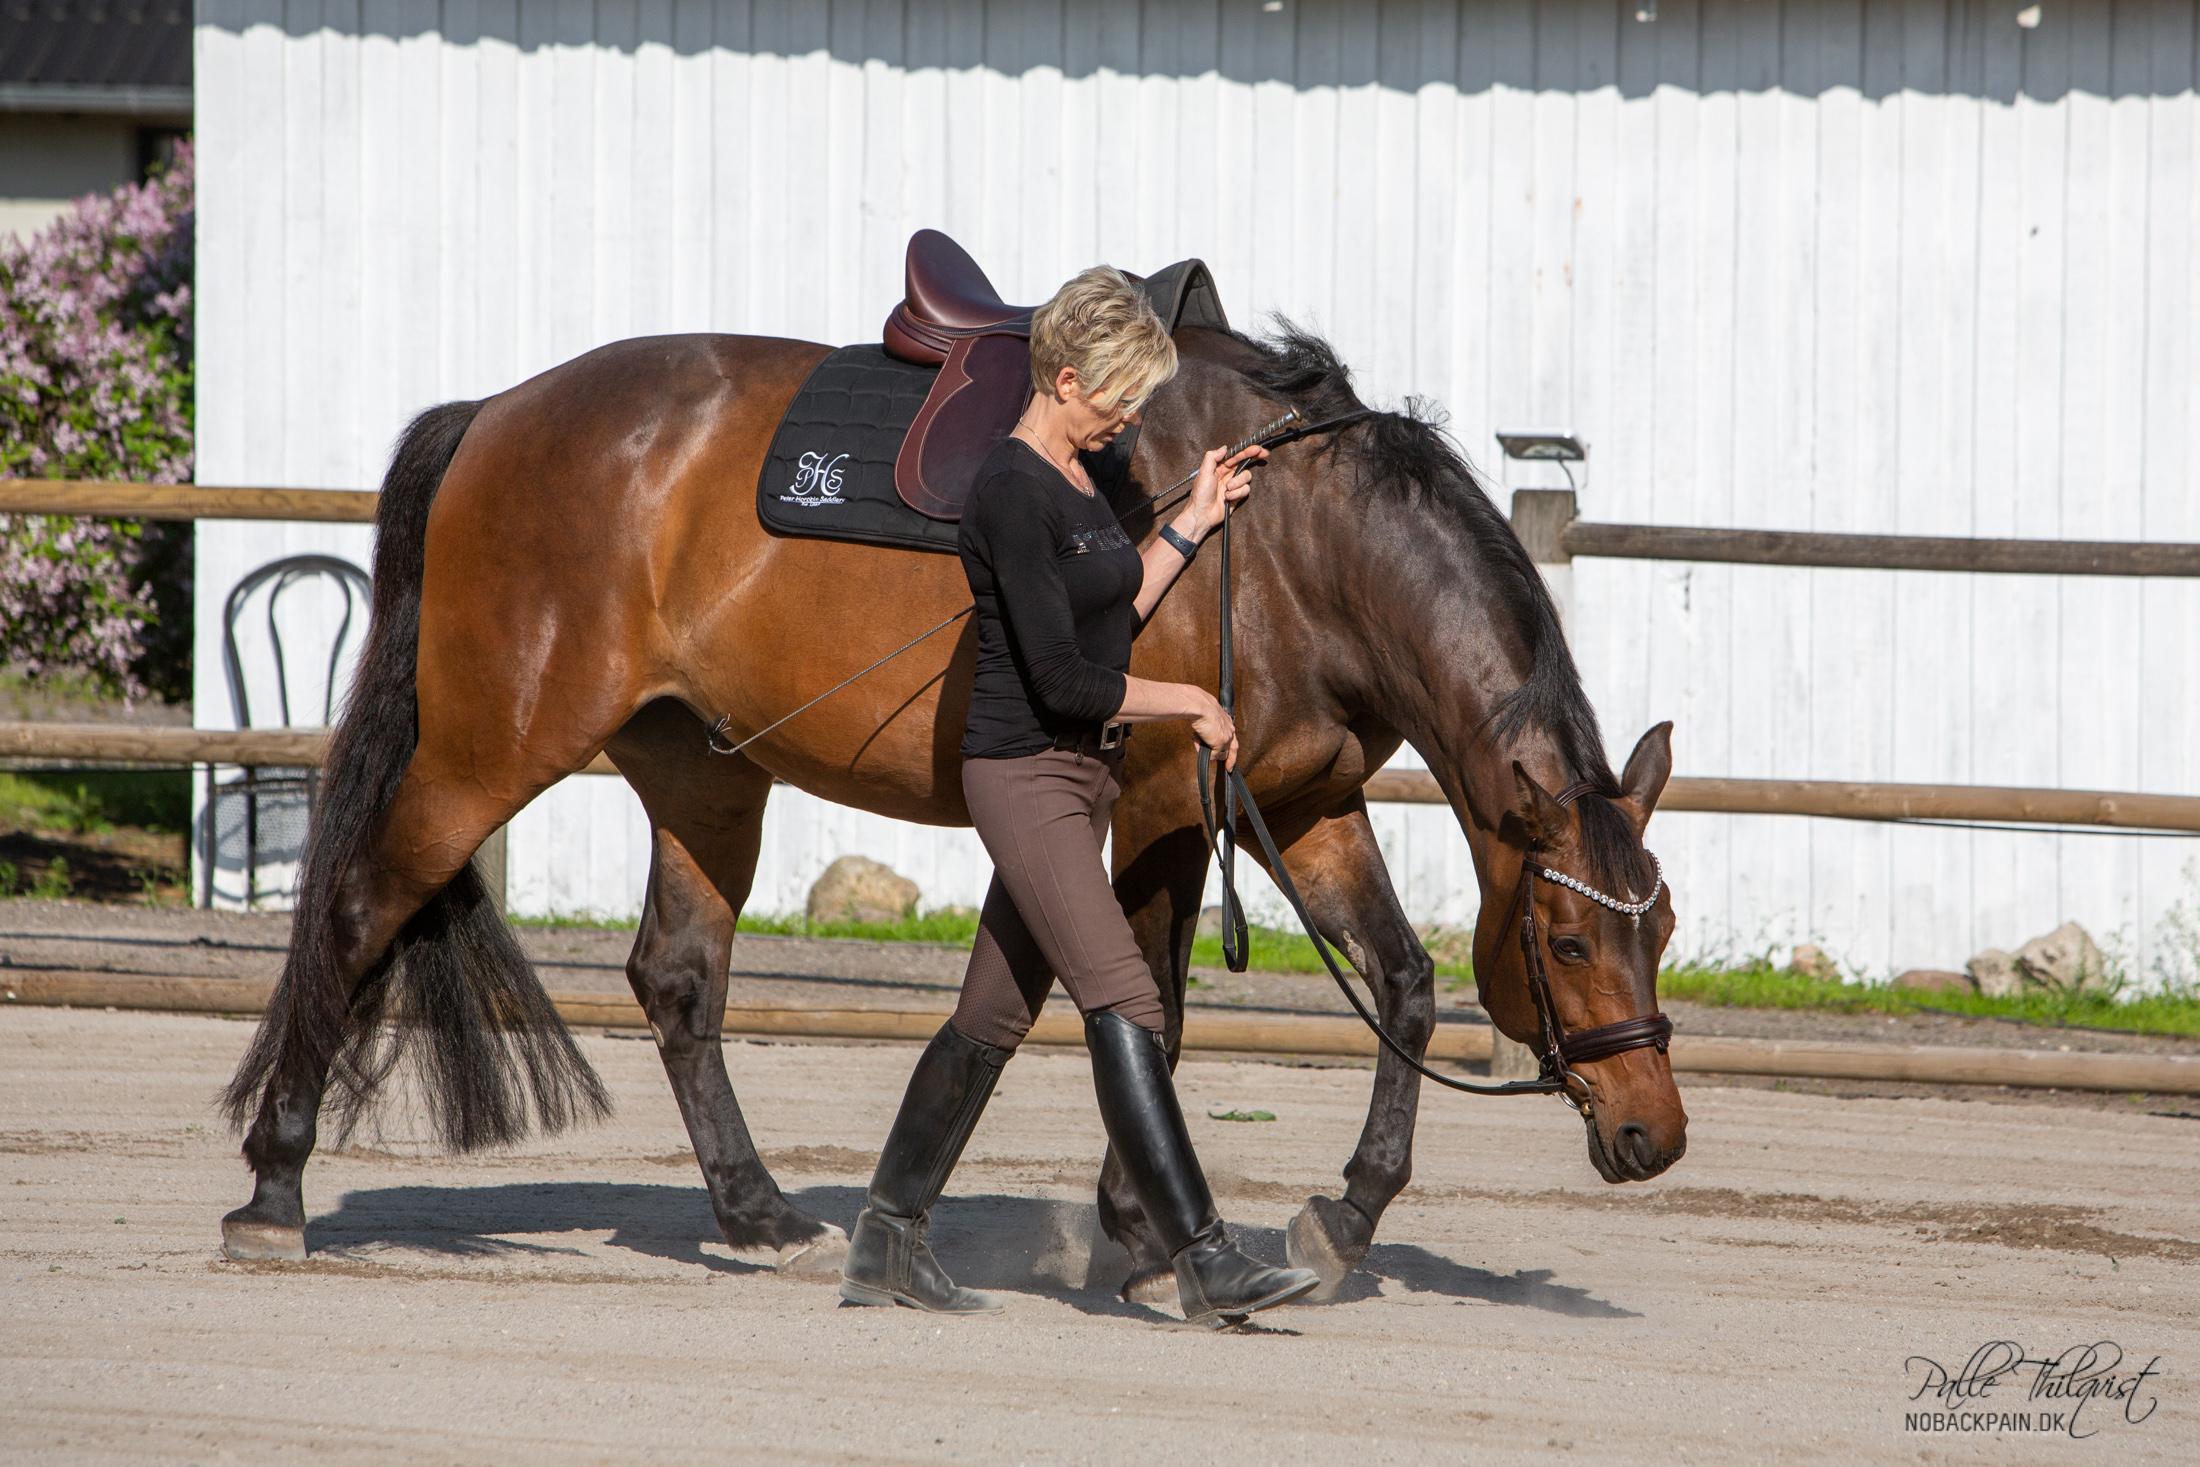 Det afhænger lidt af hesten hvad der nu er den bedste fremgangsmåde. Når man går rundt på cirkelvolten, så vil nogle heste meget hurtigt begynder at træde ind under tyngdepunktet når man rører dem pisken, hvis man samtidig er god til at kombinere det med den rette kontakt på den udvendige tøjle. Sker dette skal man være hurtig til at få givet længere tøjler når man fornemmer at hesten begynder at strække sig. Med nogle heste vil det i starten være effektivt at give tøjlerne fuldstændigt, når man mærker at den vil strække sig. Dette vil hesten opfatte som en belønning... Lad vær med at trække ned i den indvendige tøjle for at få hesten til at strække sig!! Og undlad også at trække indad i den indvendige tøjle.... Nogle bruger pisken kraftigt, for at få hesten til at træde sidelæns samtidig med at de har en fast kontakt på den udvendige tøjle. Dette bryder jeg mig heller ikke om. Flere af de heste jeg kommer ud til ville blive alt for anspændte ved den fremgangsmåde.